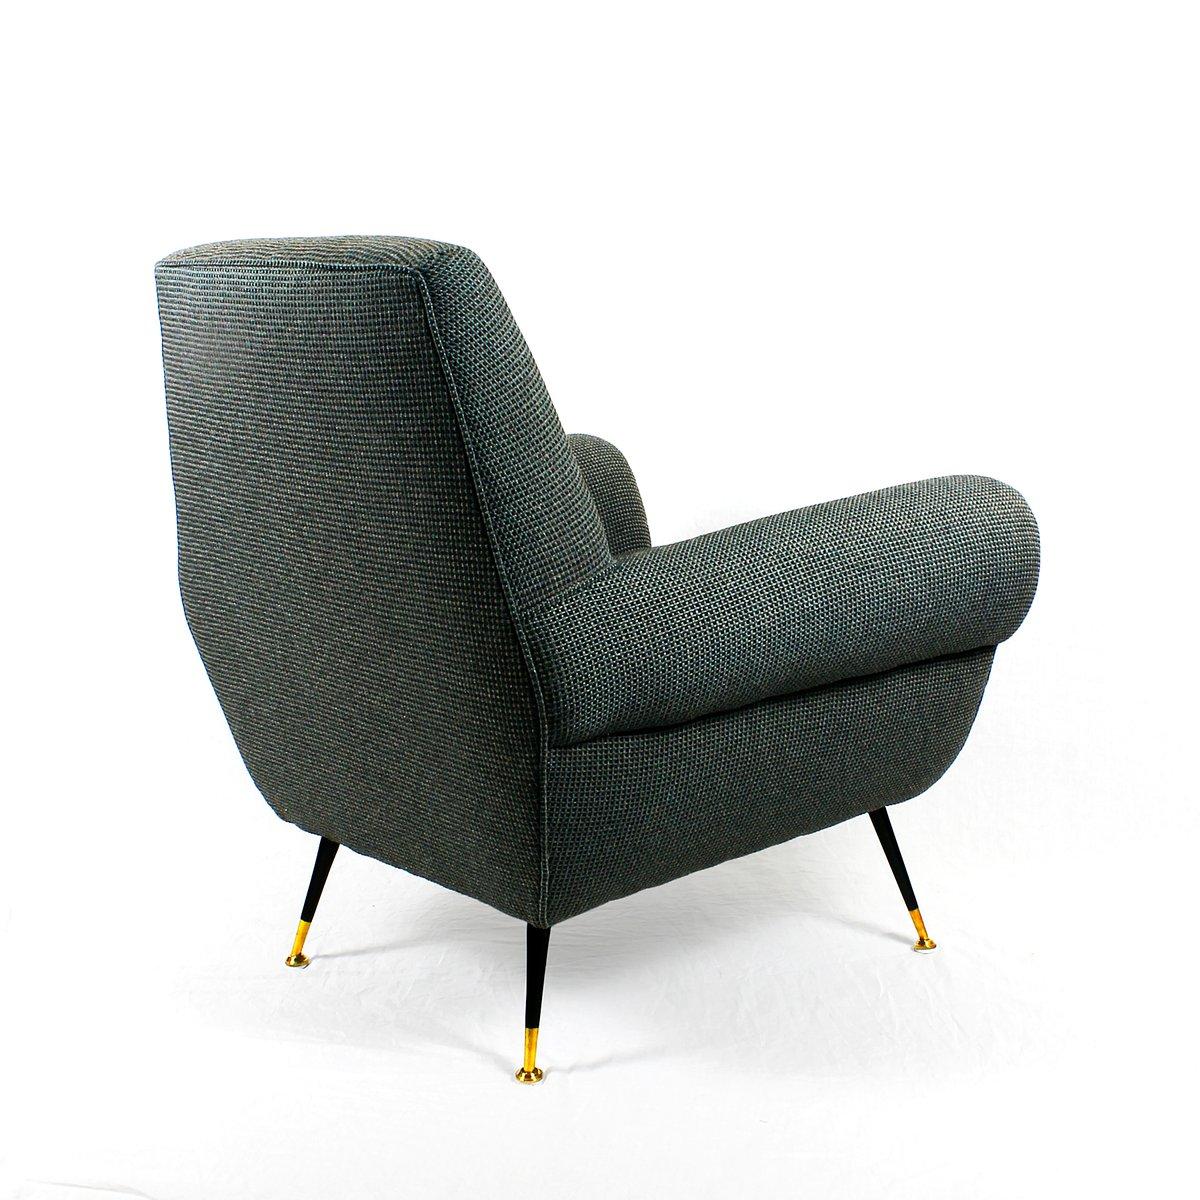 italienischer mid century sessel von gigi radice f r minotti 1960er bei pamono kaufen. Black Bedroom Furniture Sets. Home Design Ideas